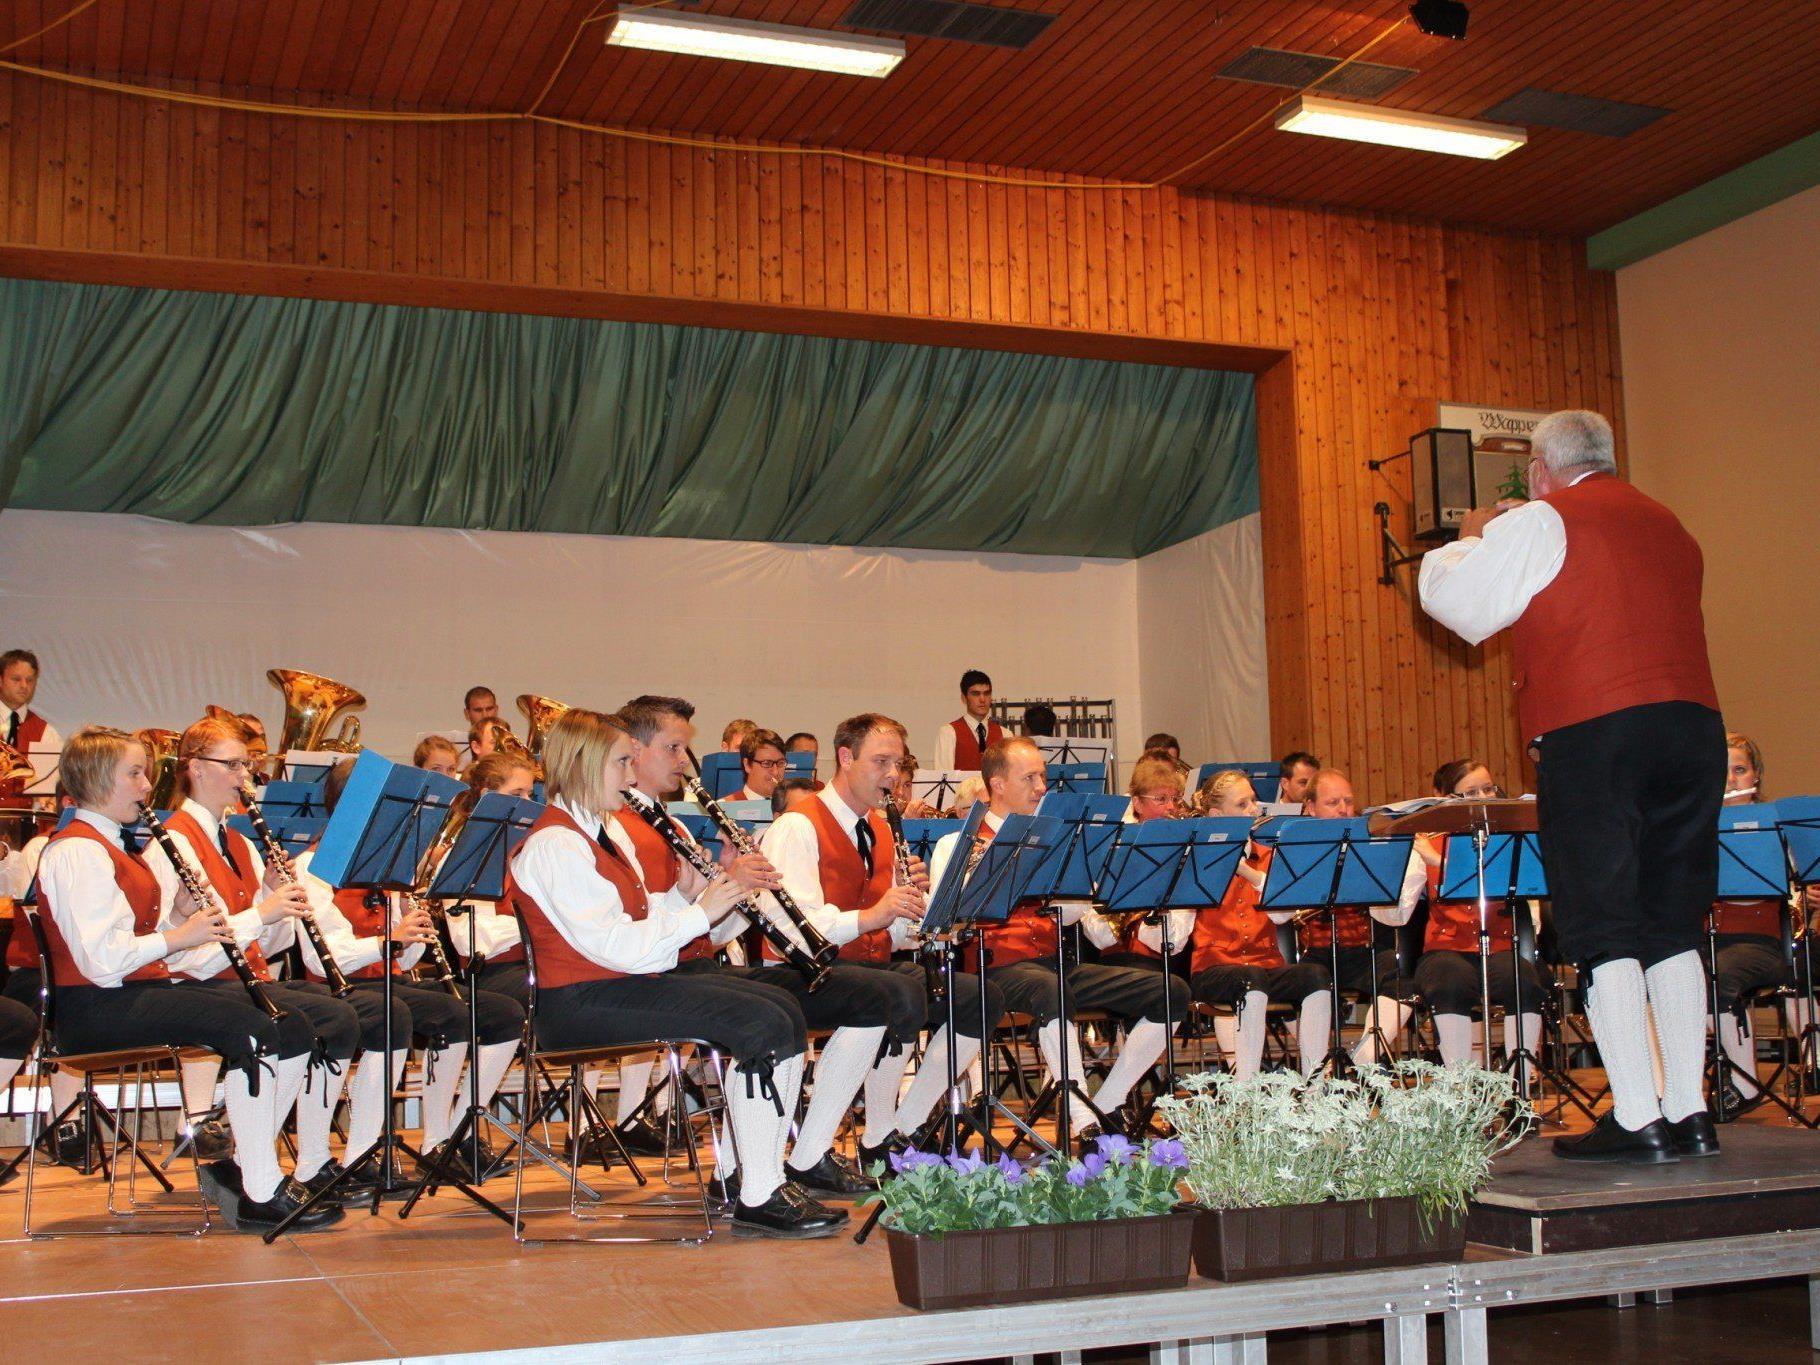 Der Bürgermusikverein Sulzberg beim Konzertwettbewerb.